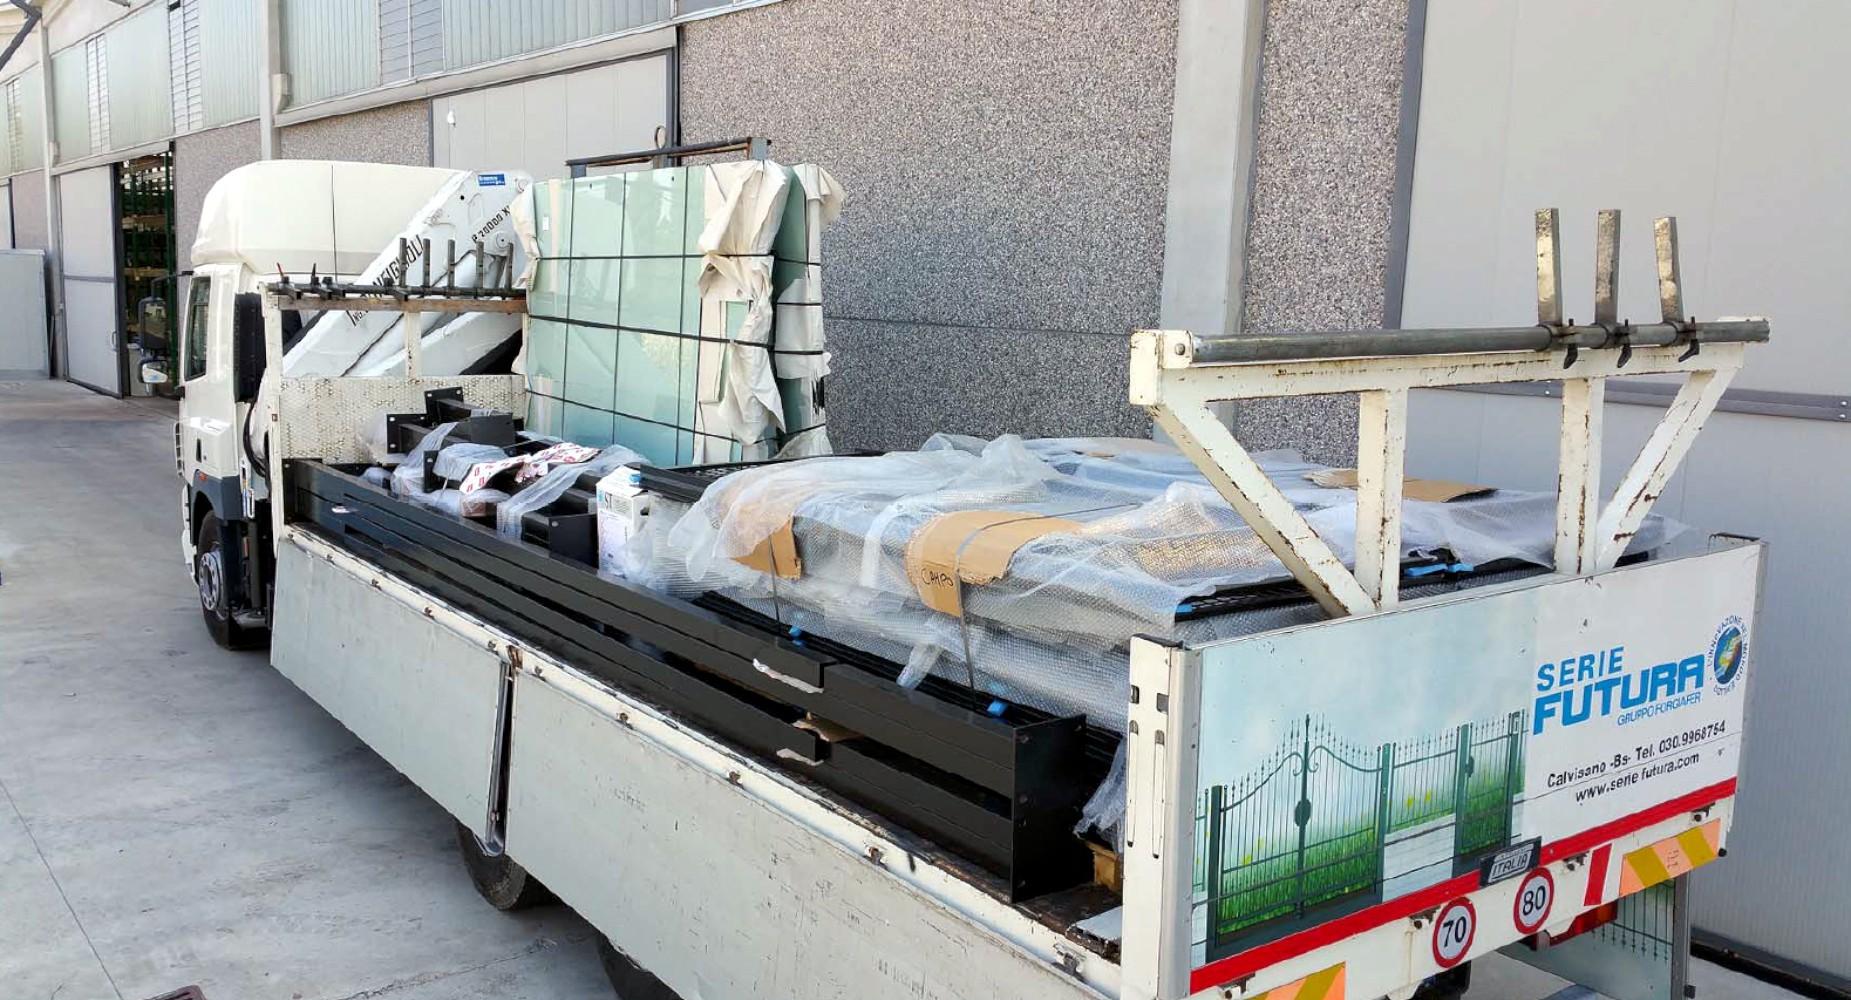 Fase di trasporto dei campi da Padel. Dispondendo di mezzi propri, Forgiafer è in grado di trasportare le proprie strutture rapidamente e in tutta Italia, risolvendo in modo collaudato tutti i problemi logistici legati a questo tipo di strutture, dalla progettazione all'installazione.